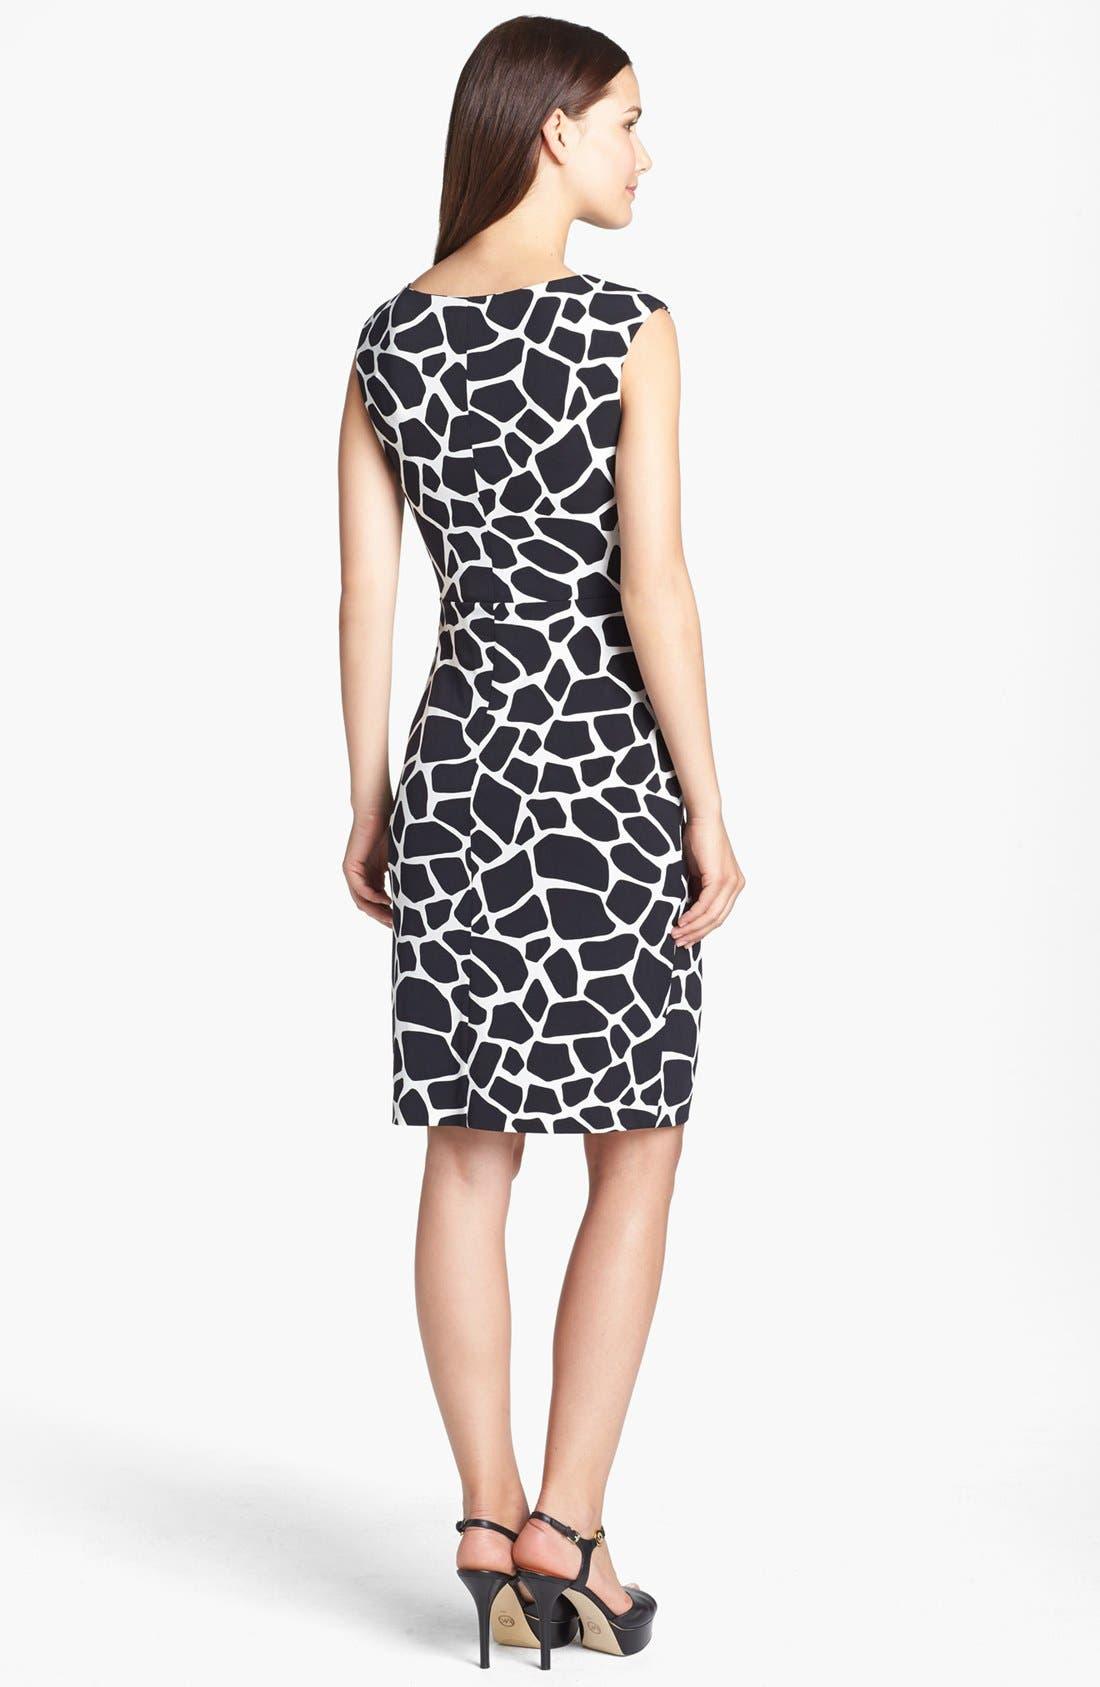 Modern Giraffe Print Dress,                             Alternate thumbnail 2, color,                             001